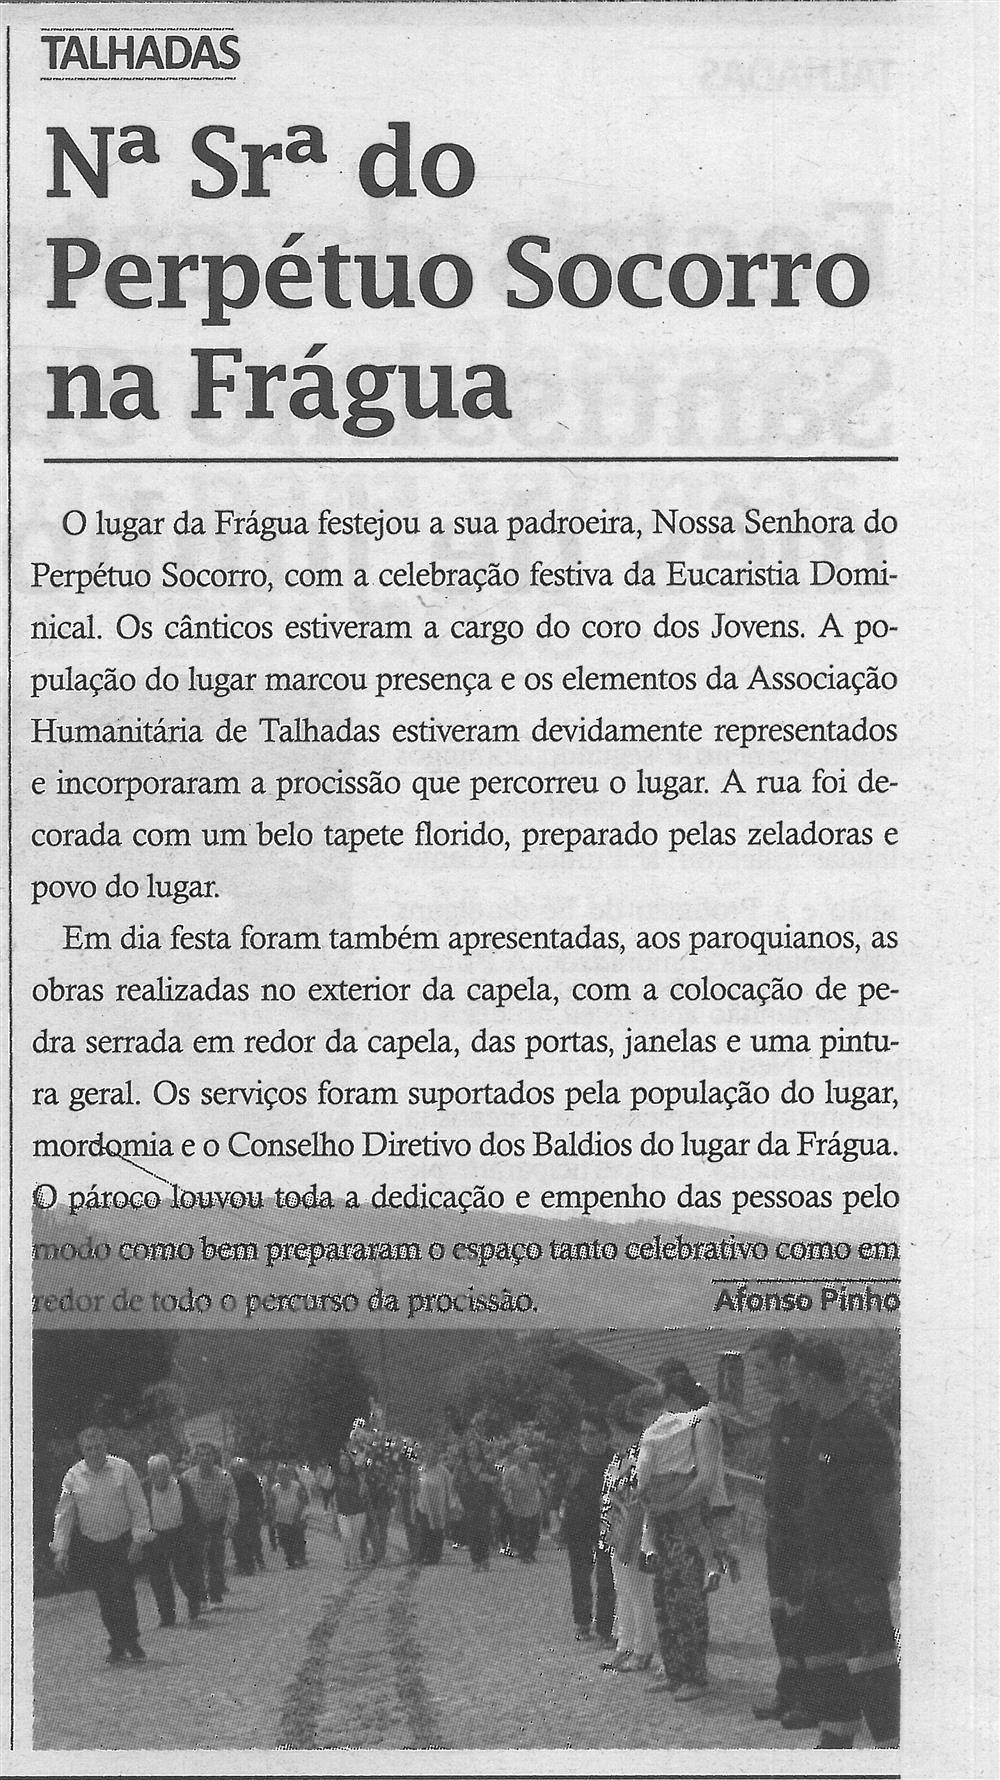 TV-jul.'17-p.14-Nossa Senhora do Perpétuo Socorro na Frágua : Talhadas.jpg